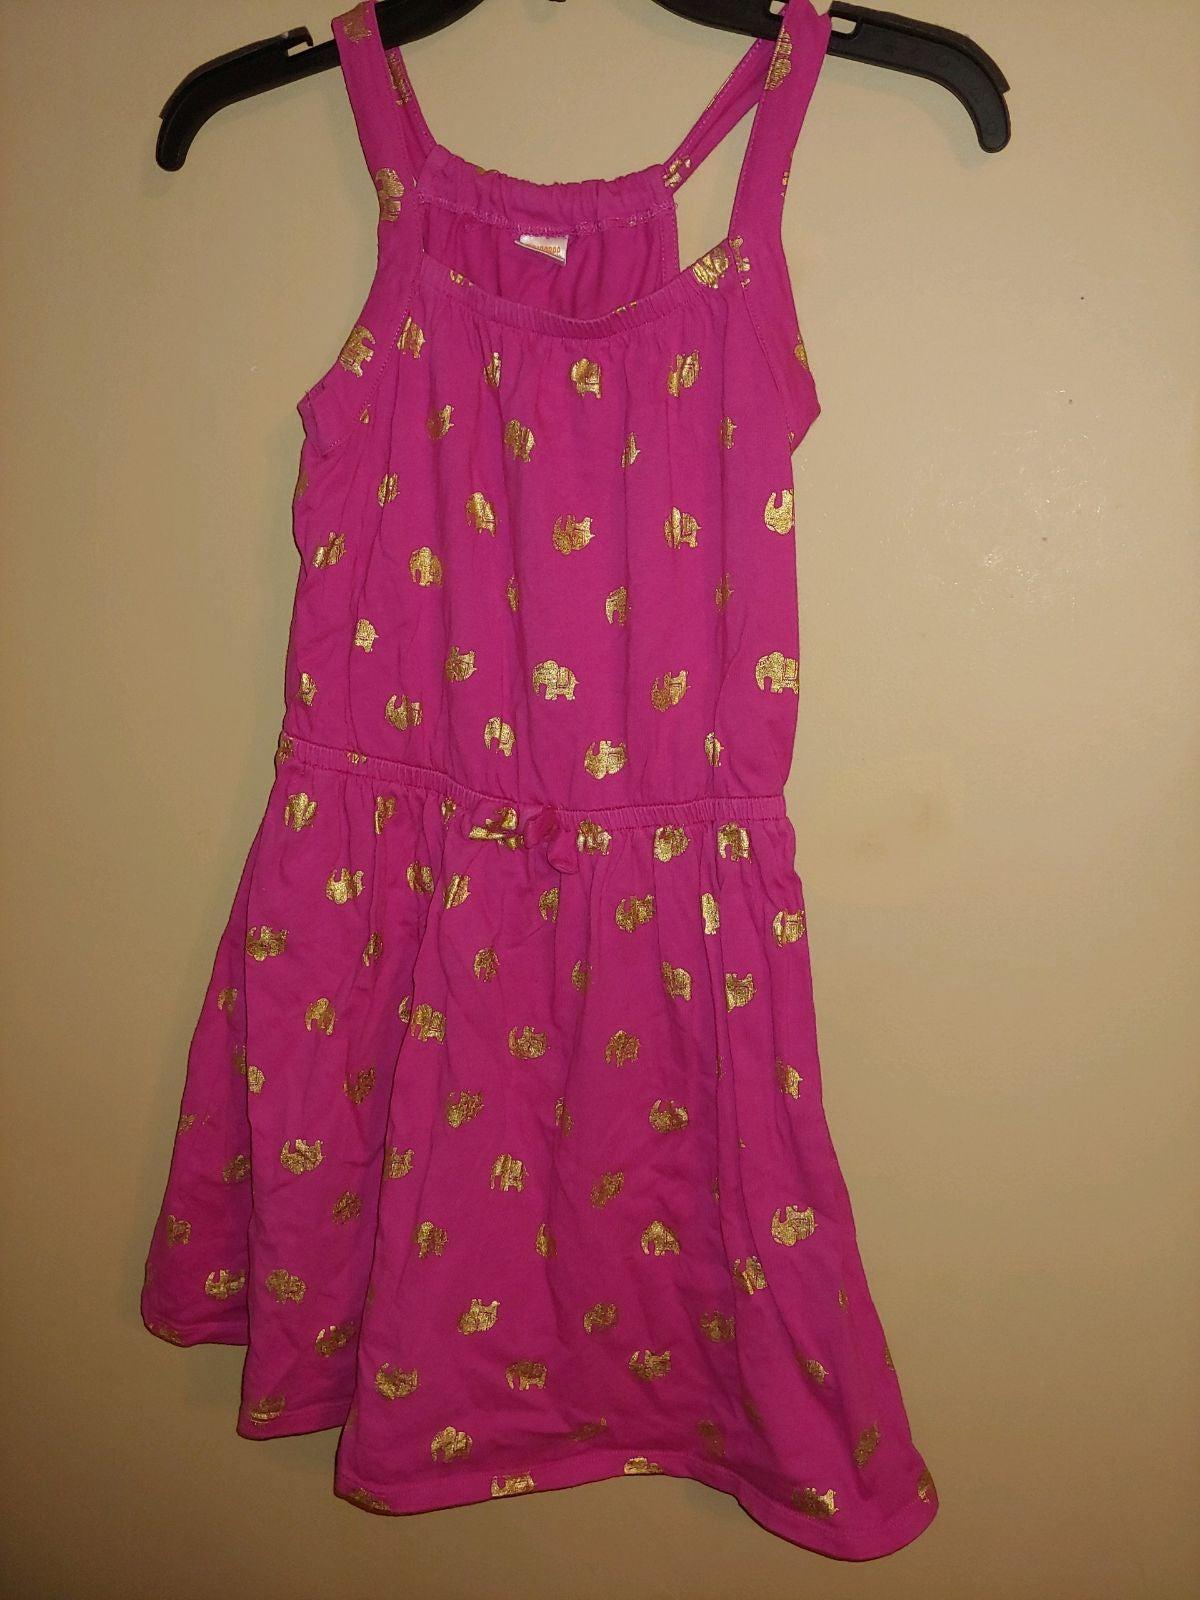 Gymboree Elephant Dress